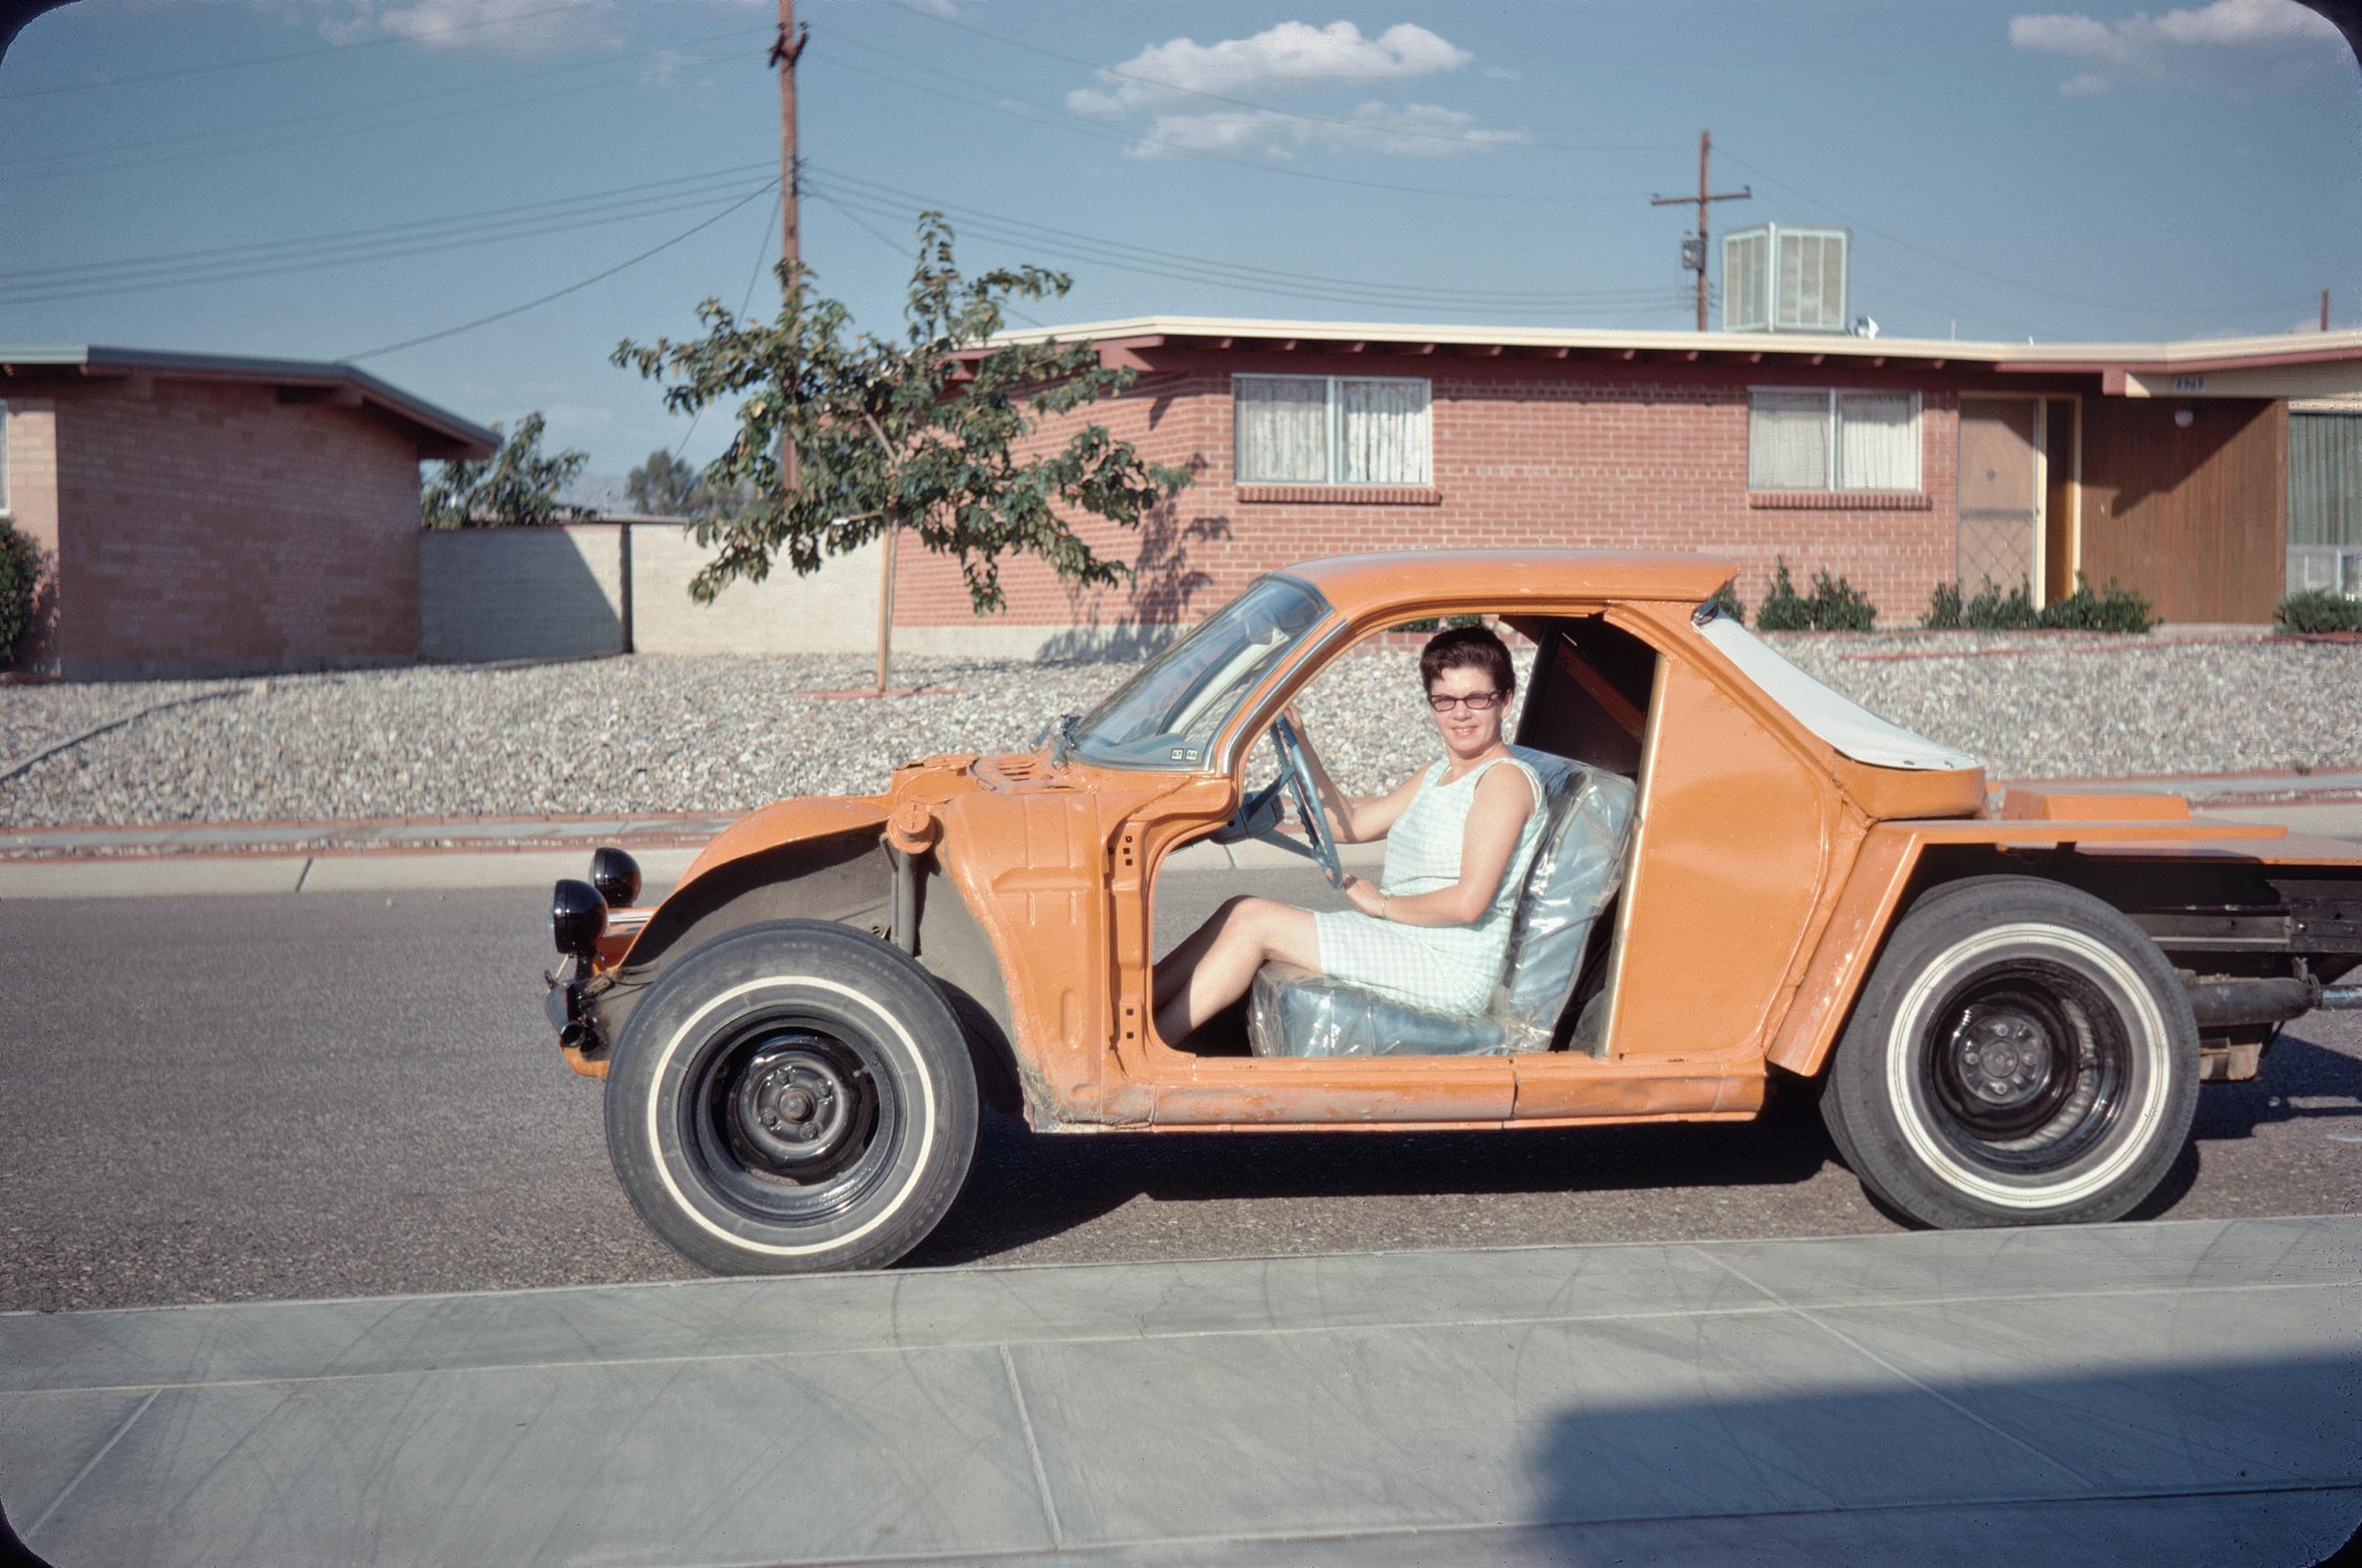 Orange open car